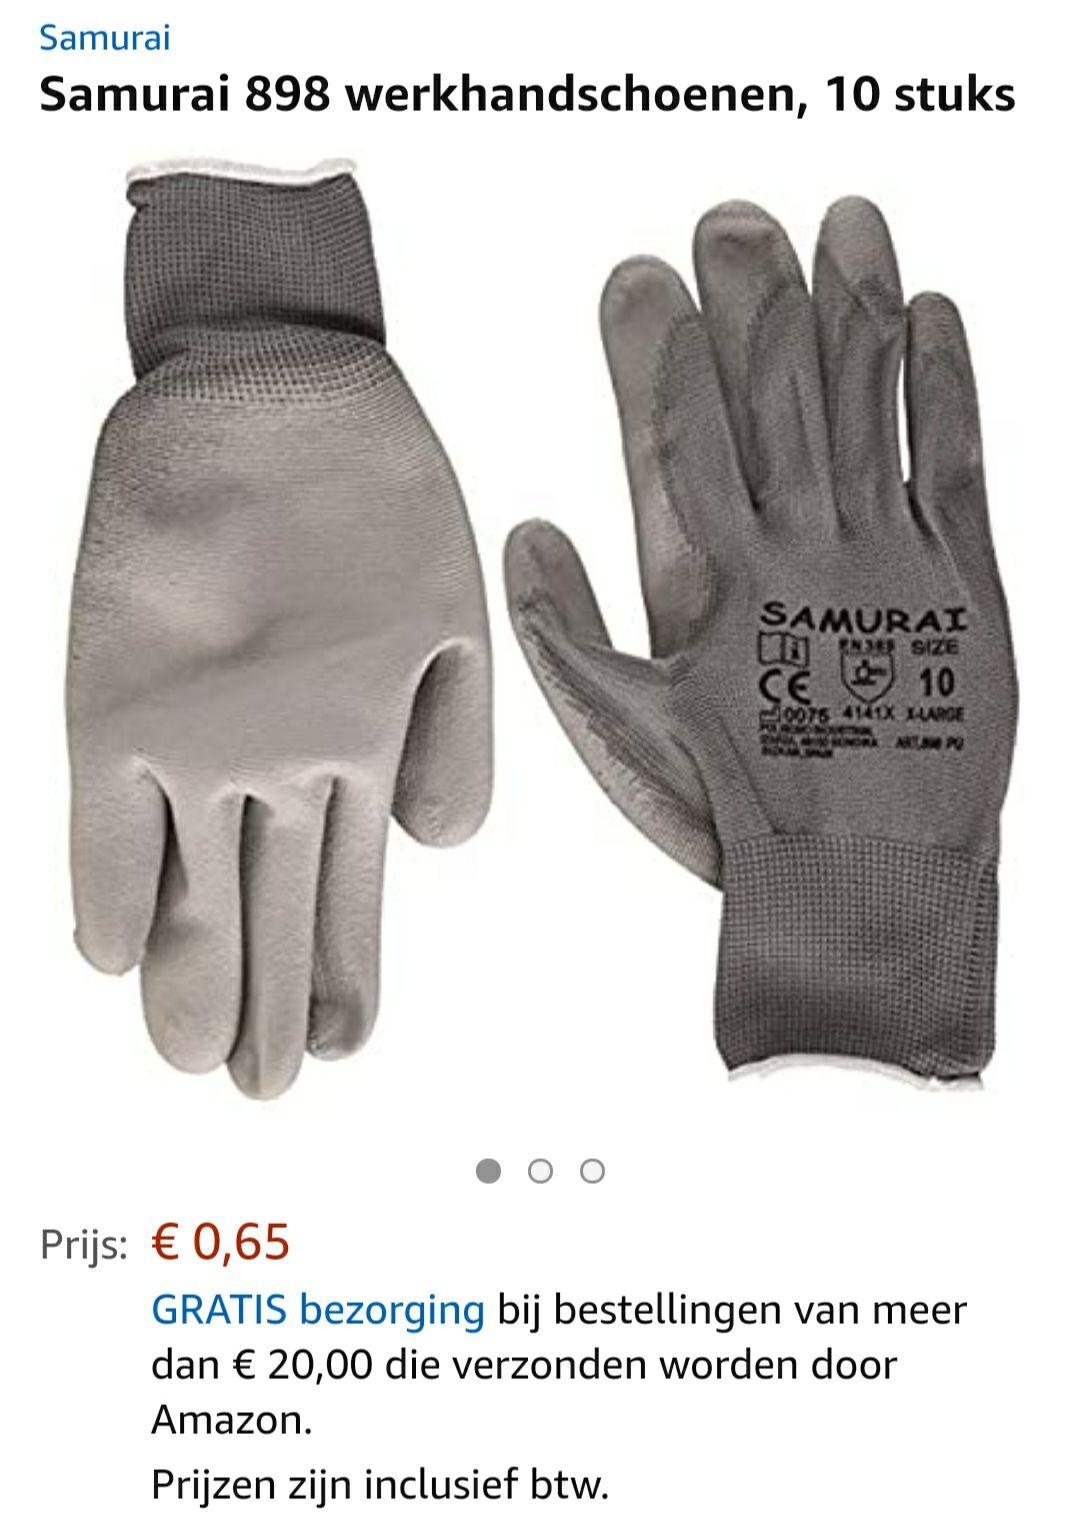 (Amazon.nl) 10 stuks Samurai 898 werkhandschoenen